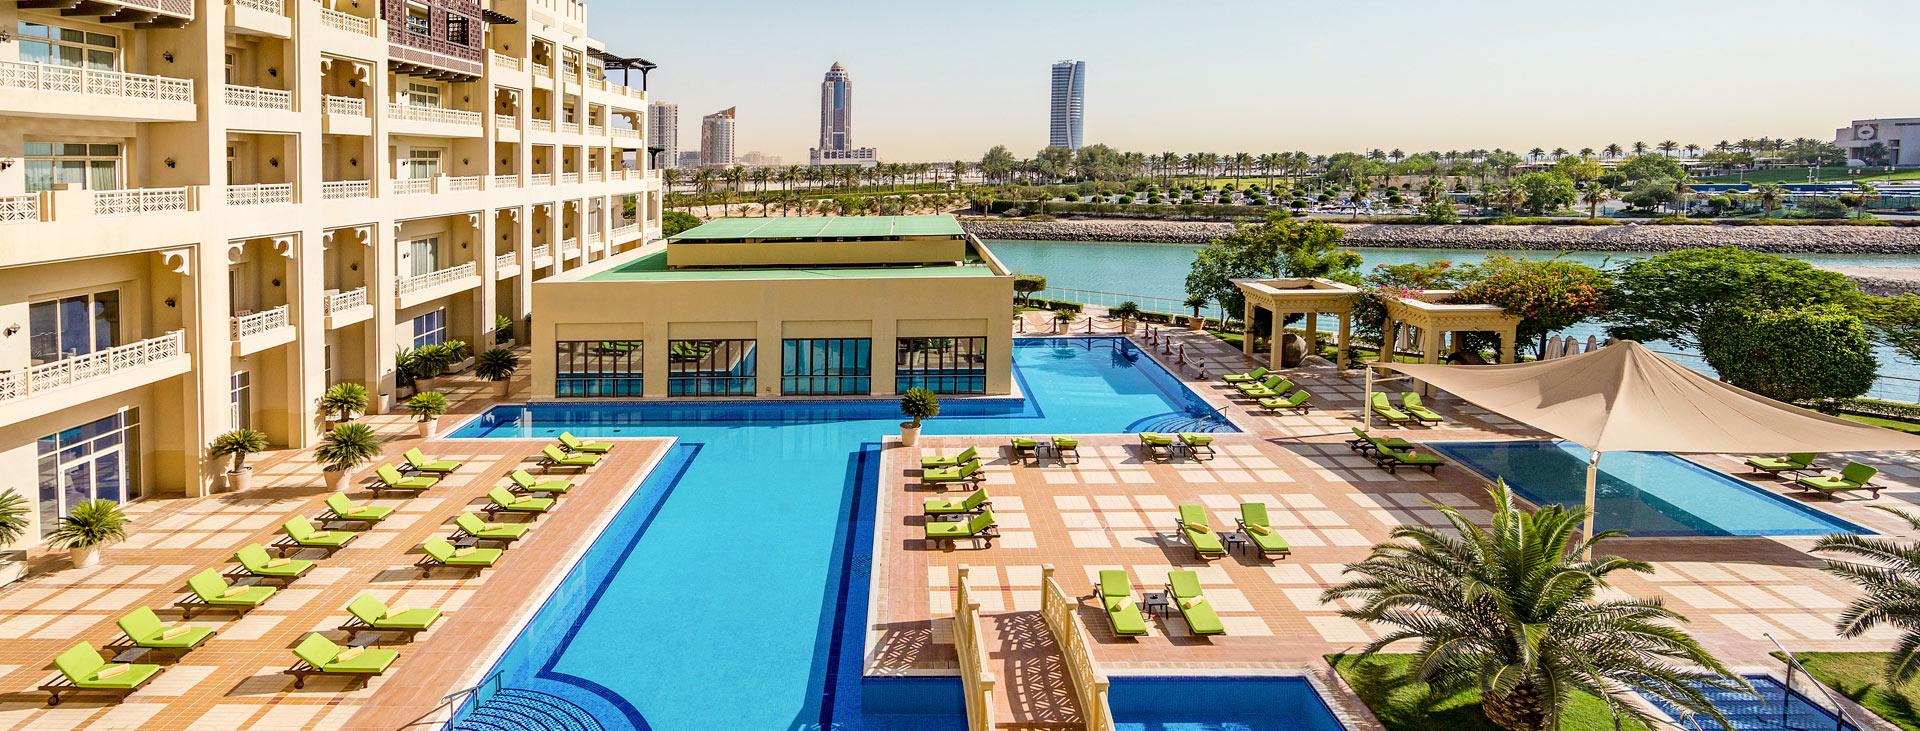 Grand Hyatt Doha Hotel & Villas, Doha, Qatar